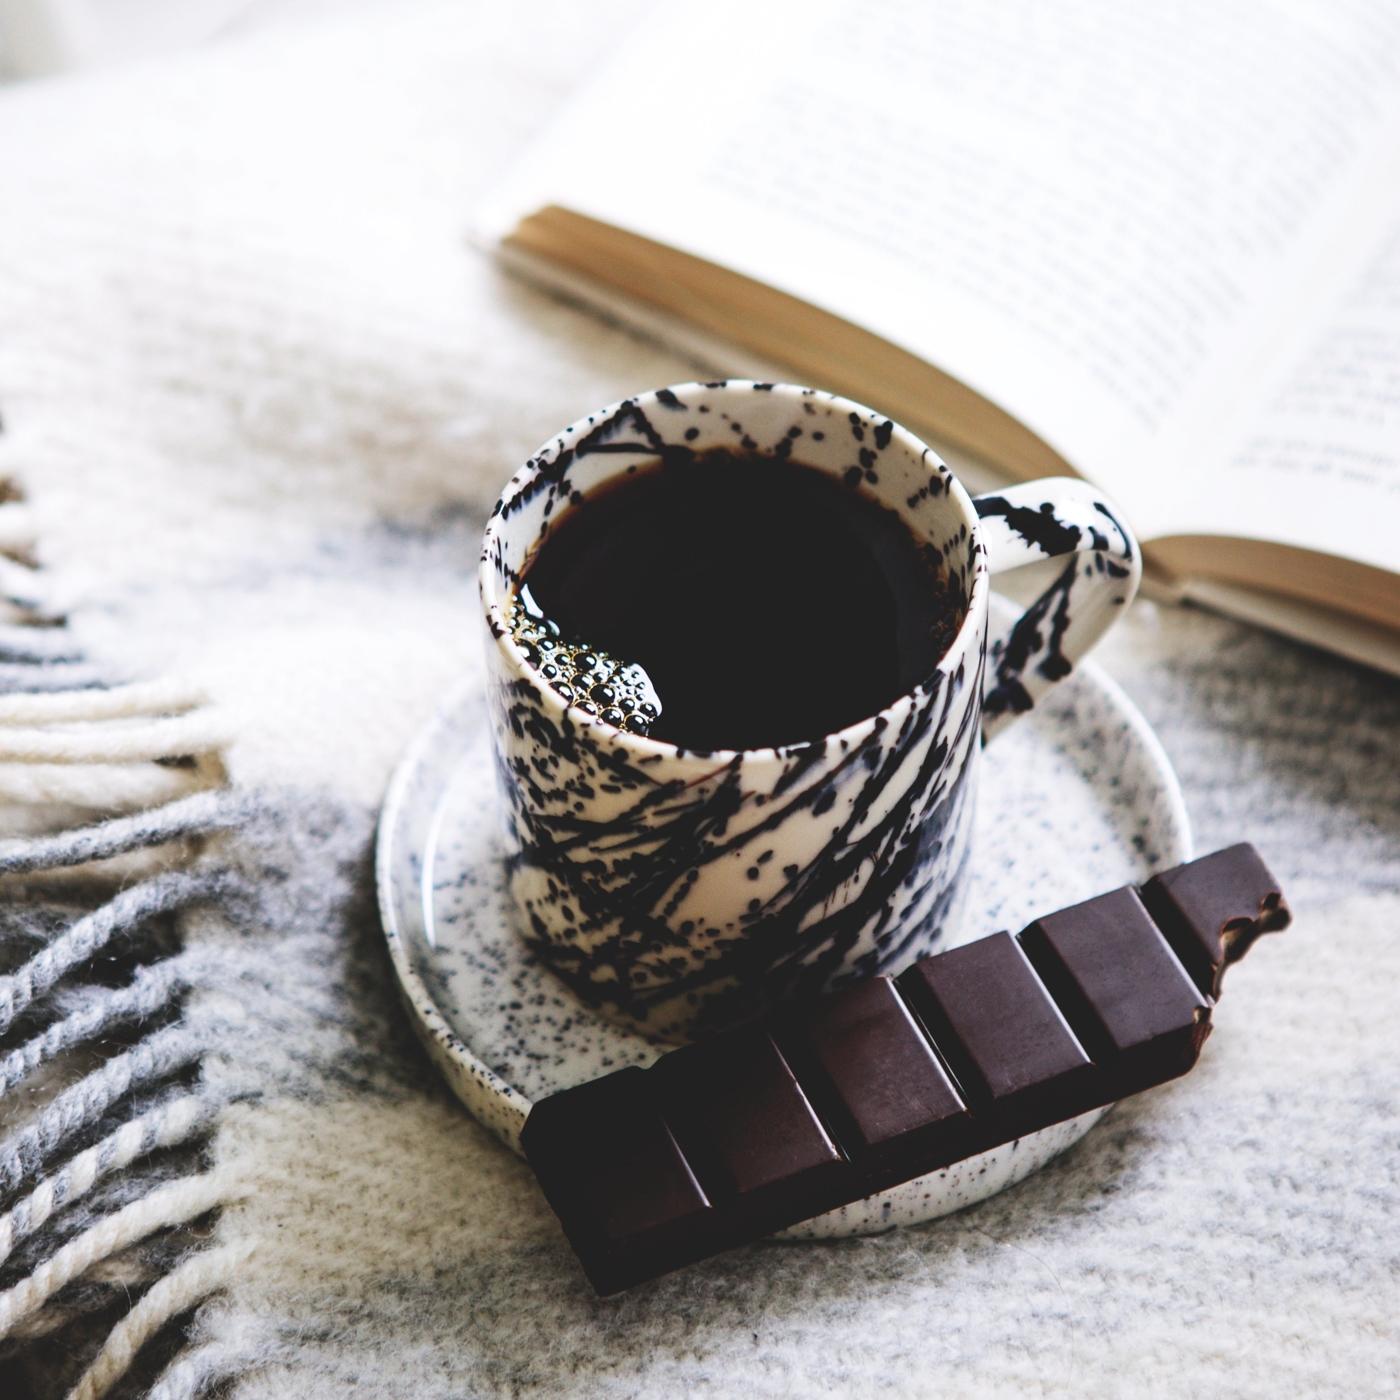 kaffe och choklad_2_webb